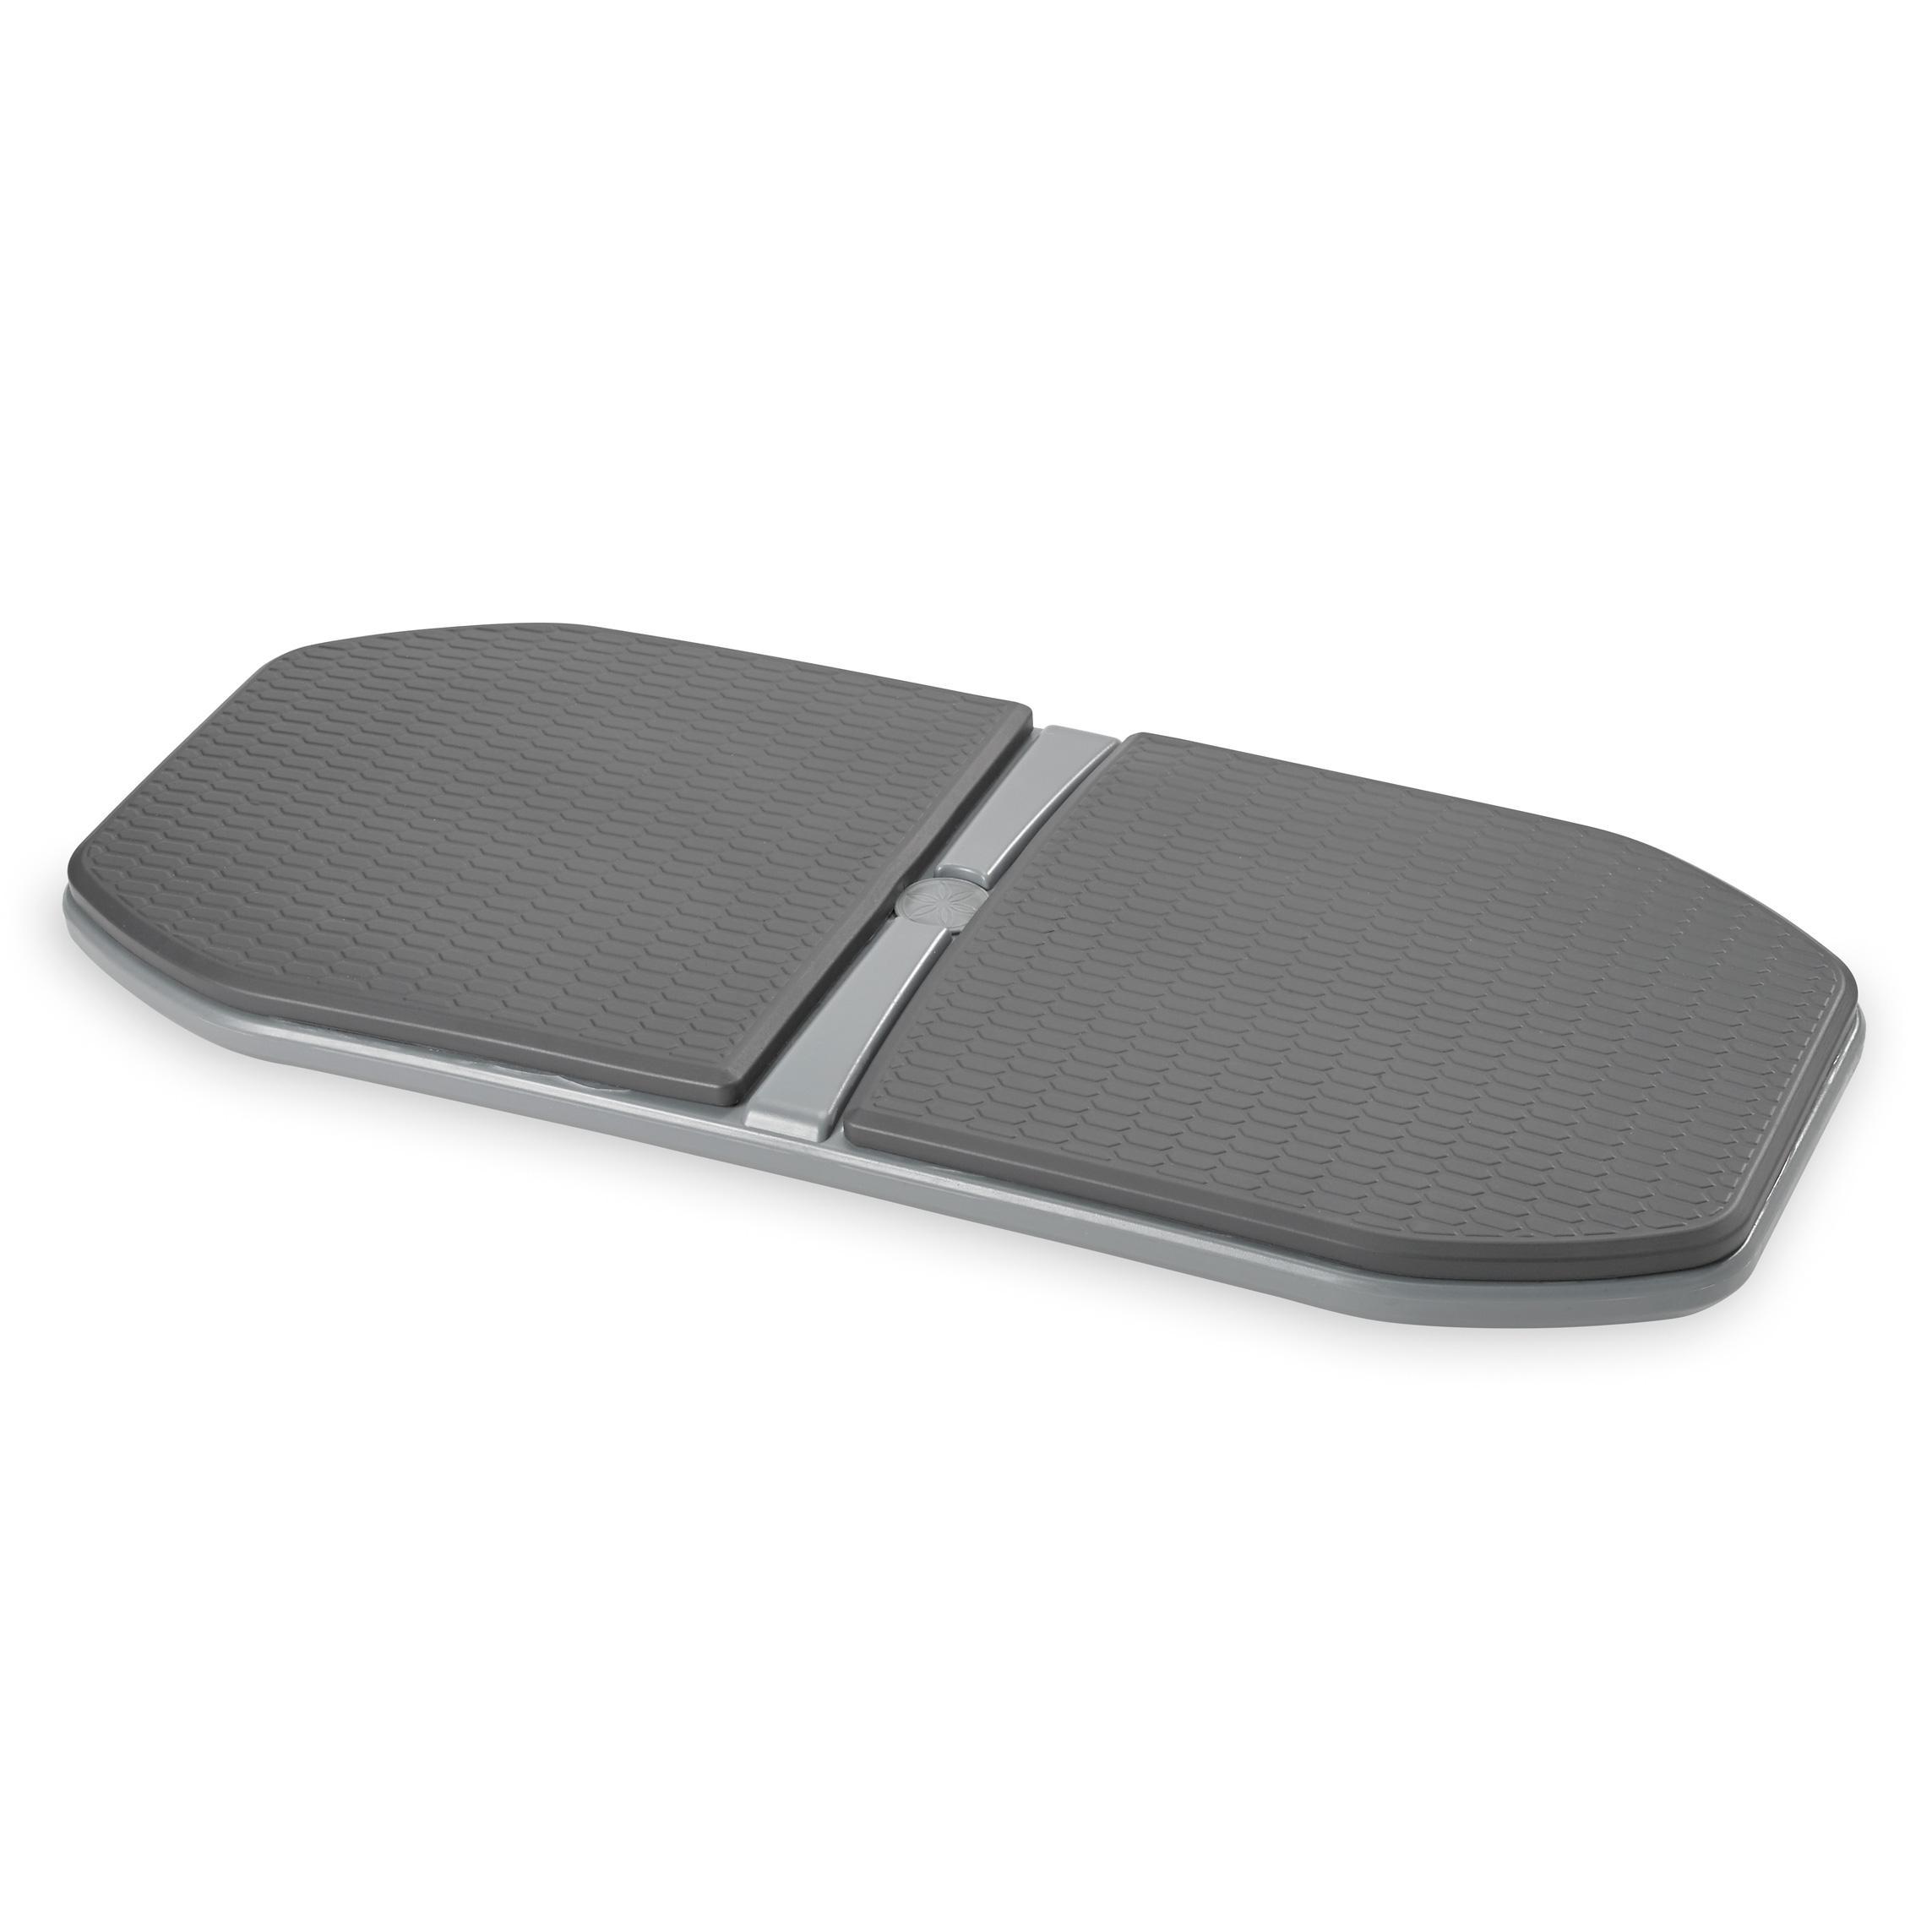 Amazon.com : Gaiam Evolve Balance Board For Standing Desk